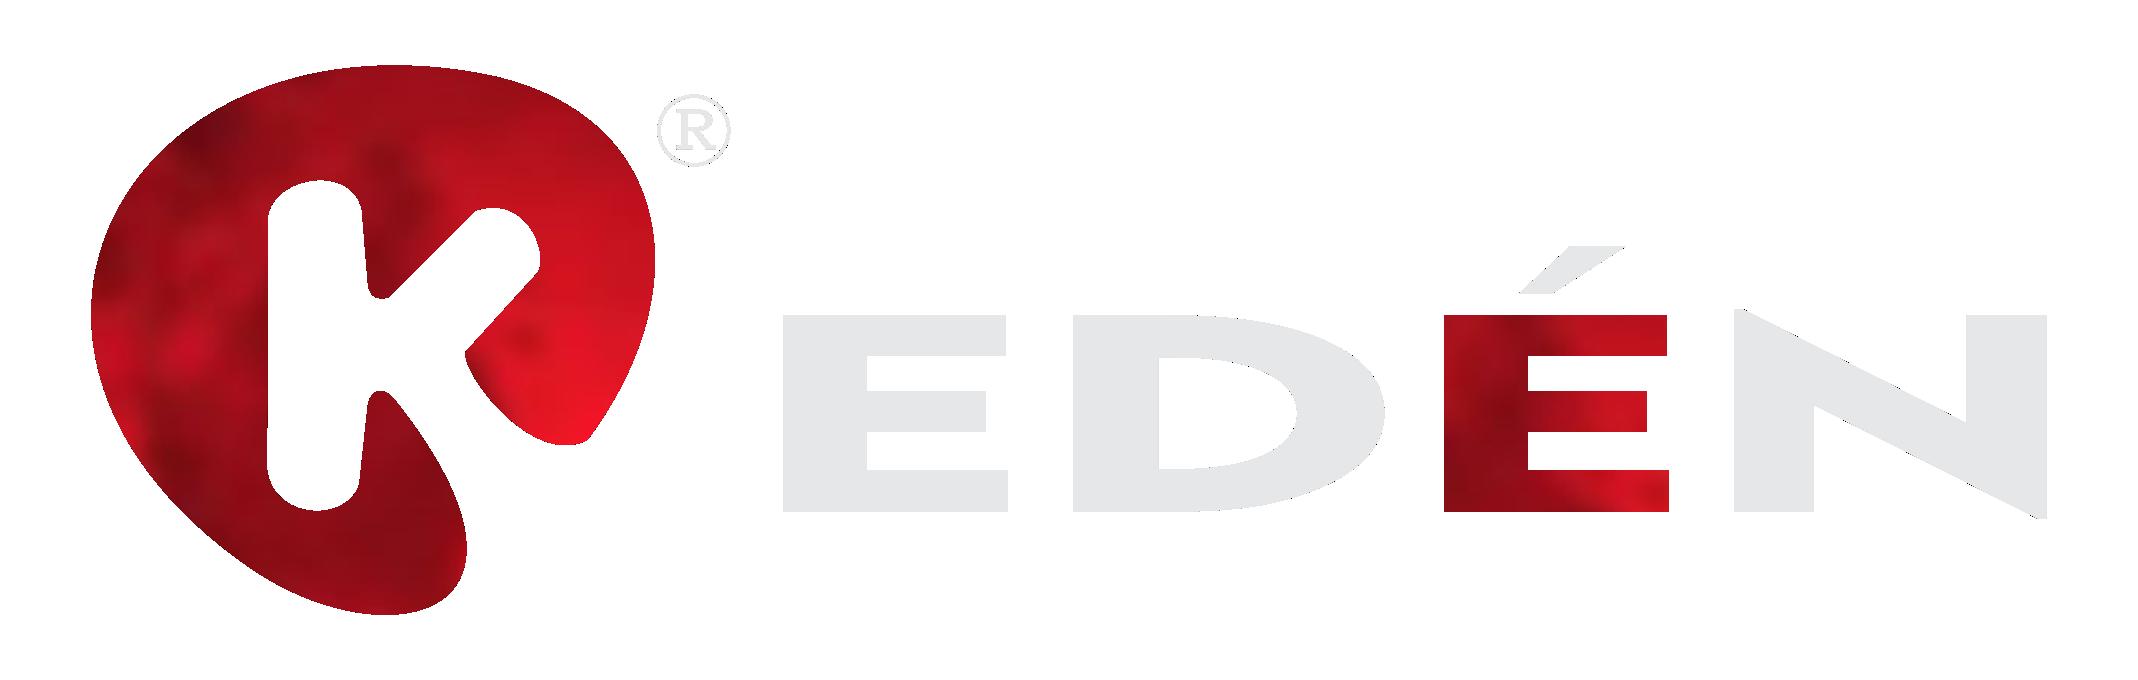 K Edén